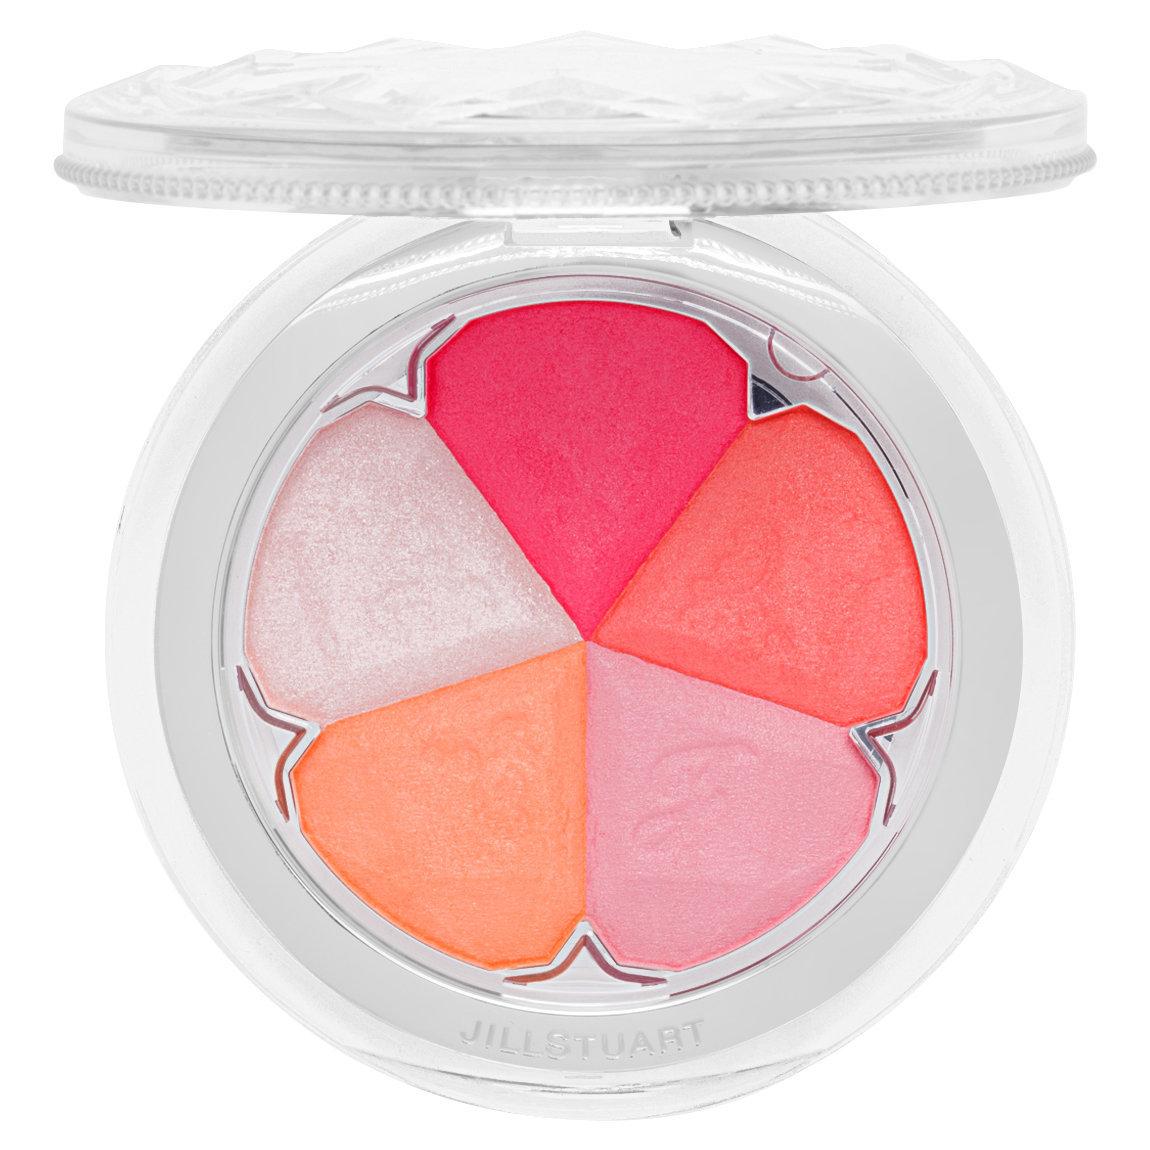 JILL STUART Beauty Bloom Mix Blush Compact 01 product swatch.